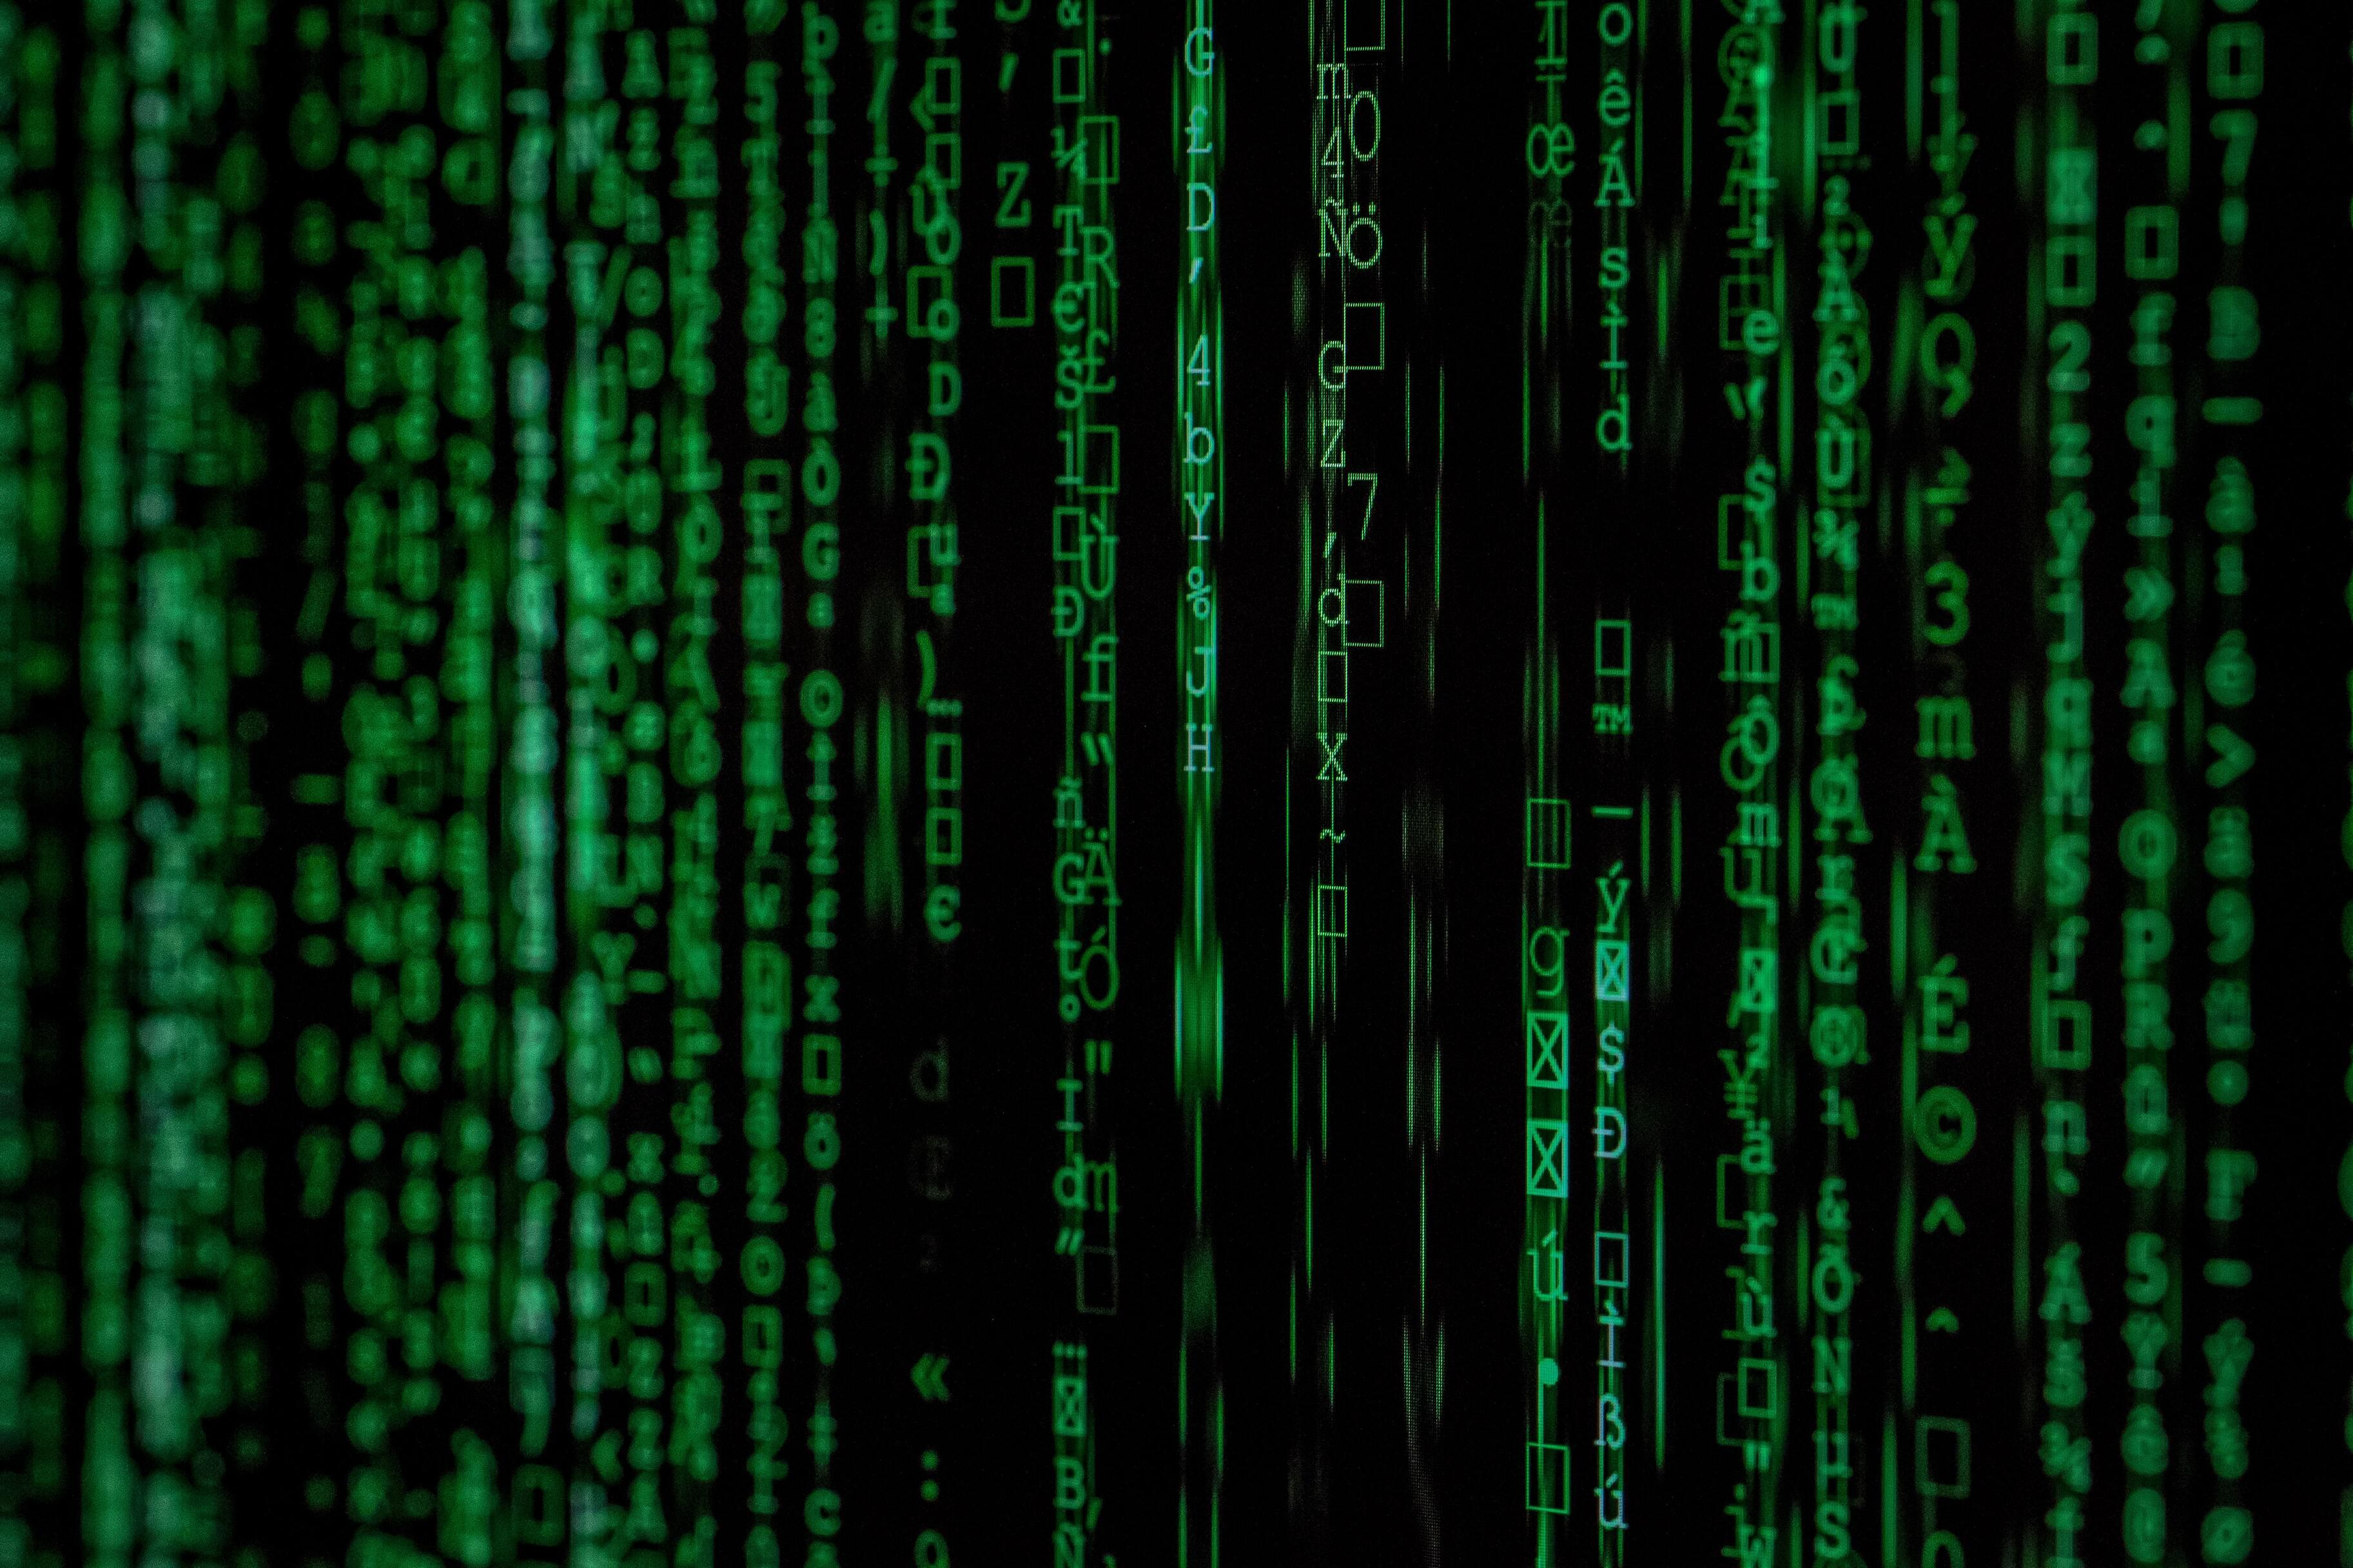 Искусственный интеллект заменит людей в сфере кибербезопасности к 2030 году